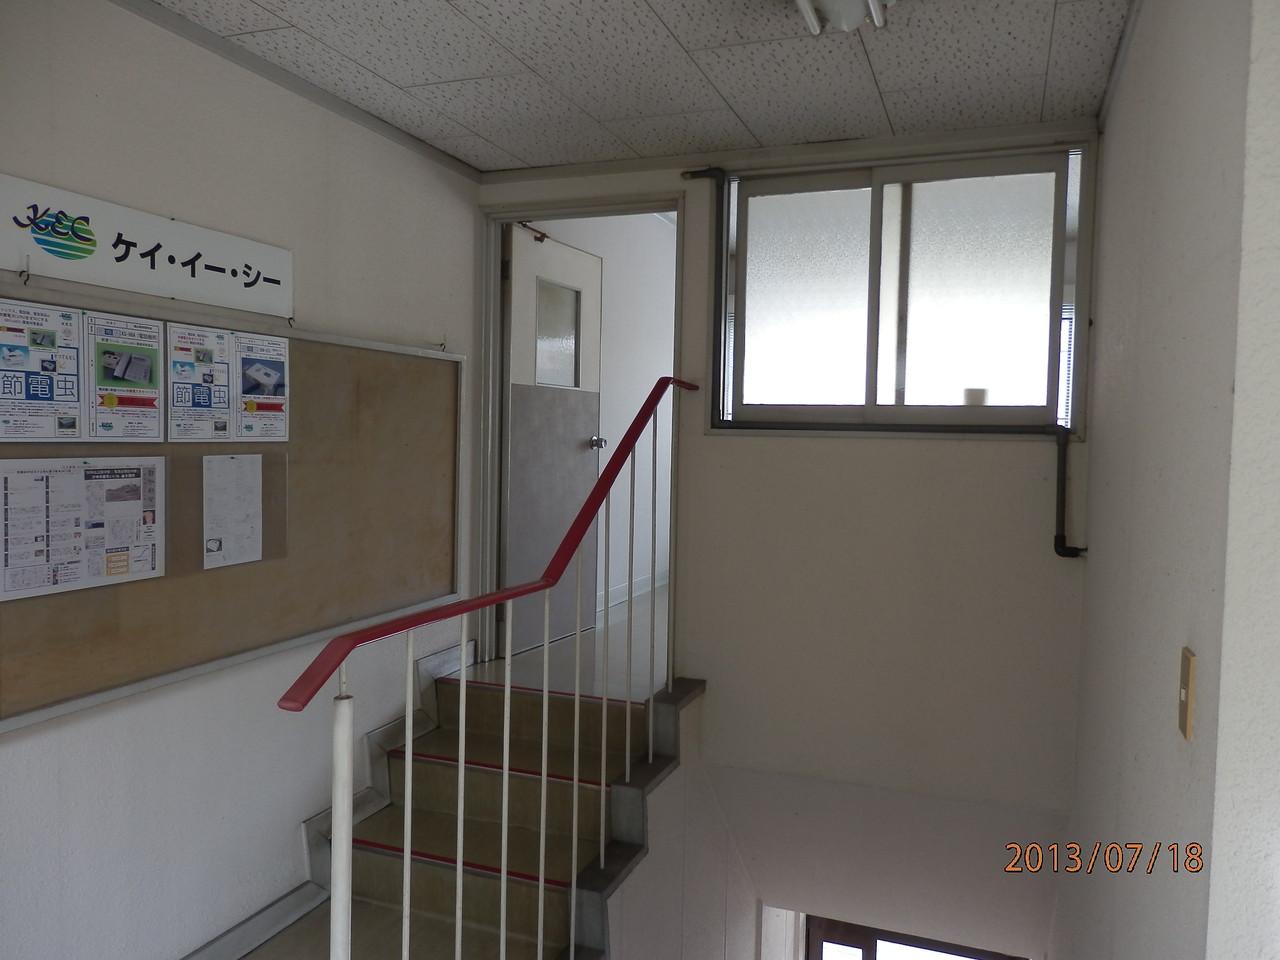 KECビル2階、203号(2.5坪)入口(開)